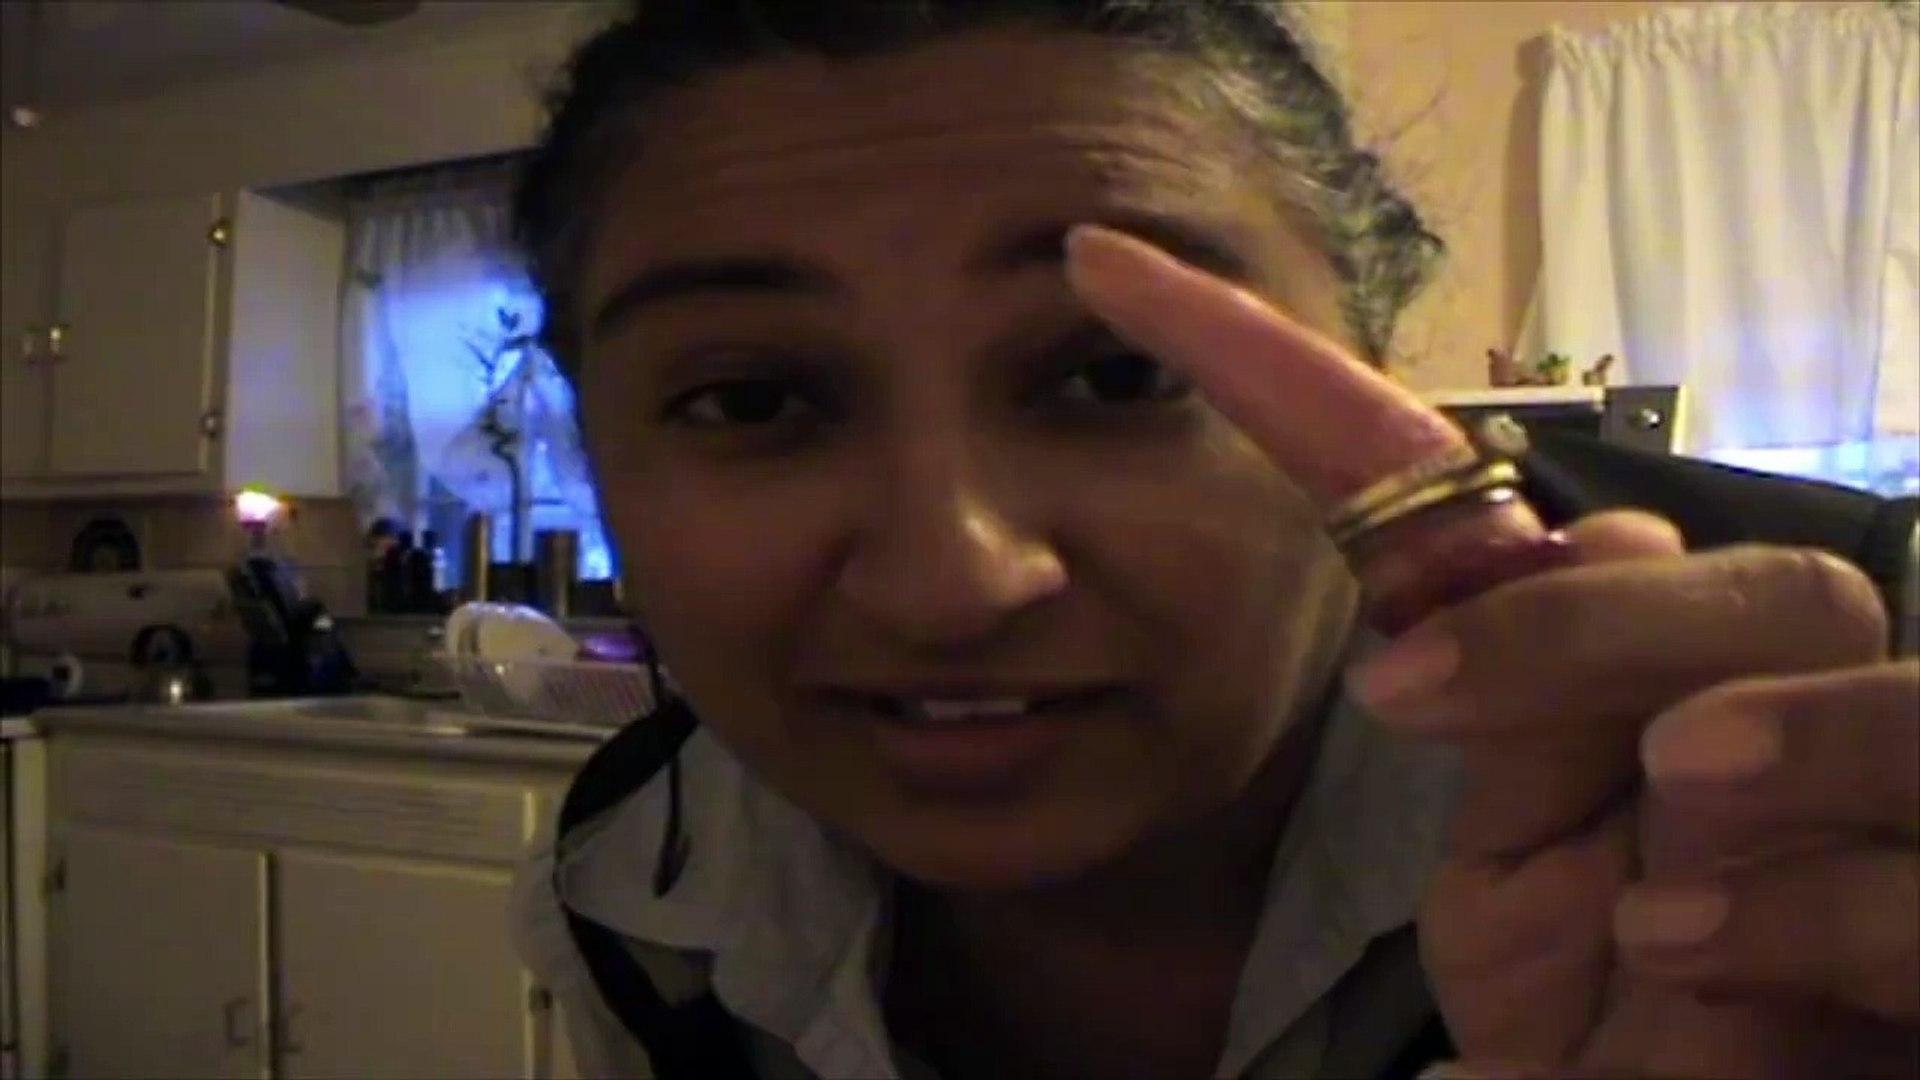 Vicces videók 20-Daughter Pranks Mom With Fake Severed Finger